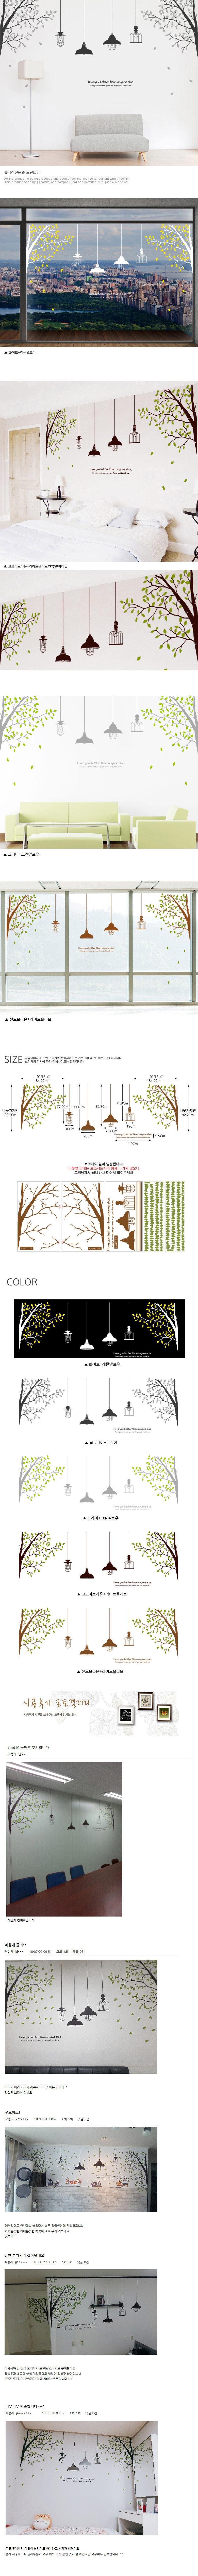 cm410-클래식전등과모던트리_포인트스티커 - 꾸밈, 36,000원, 월데코스티커, 나무/나뭇가지